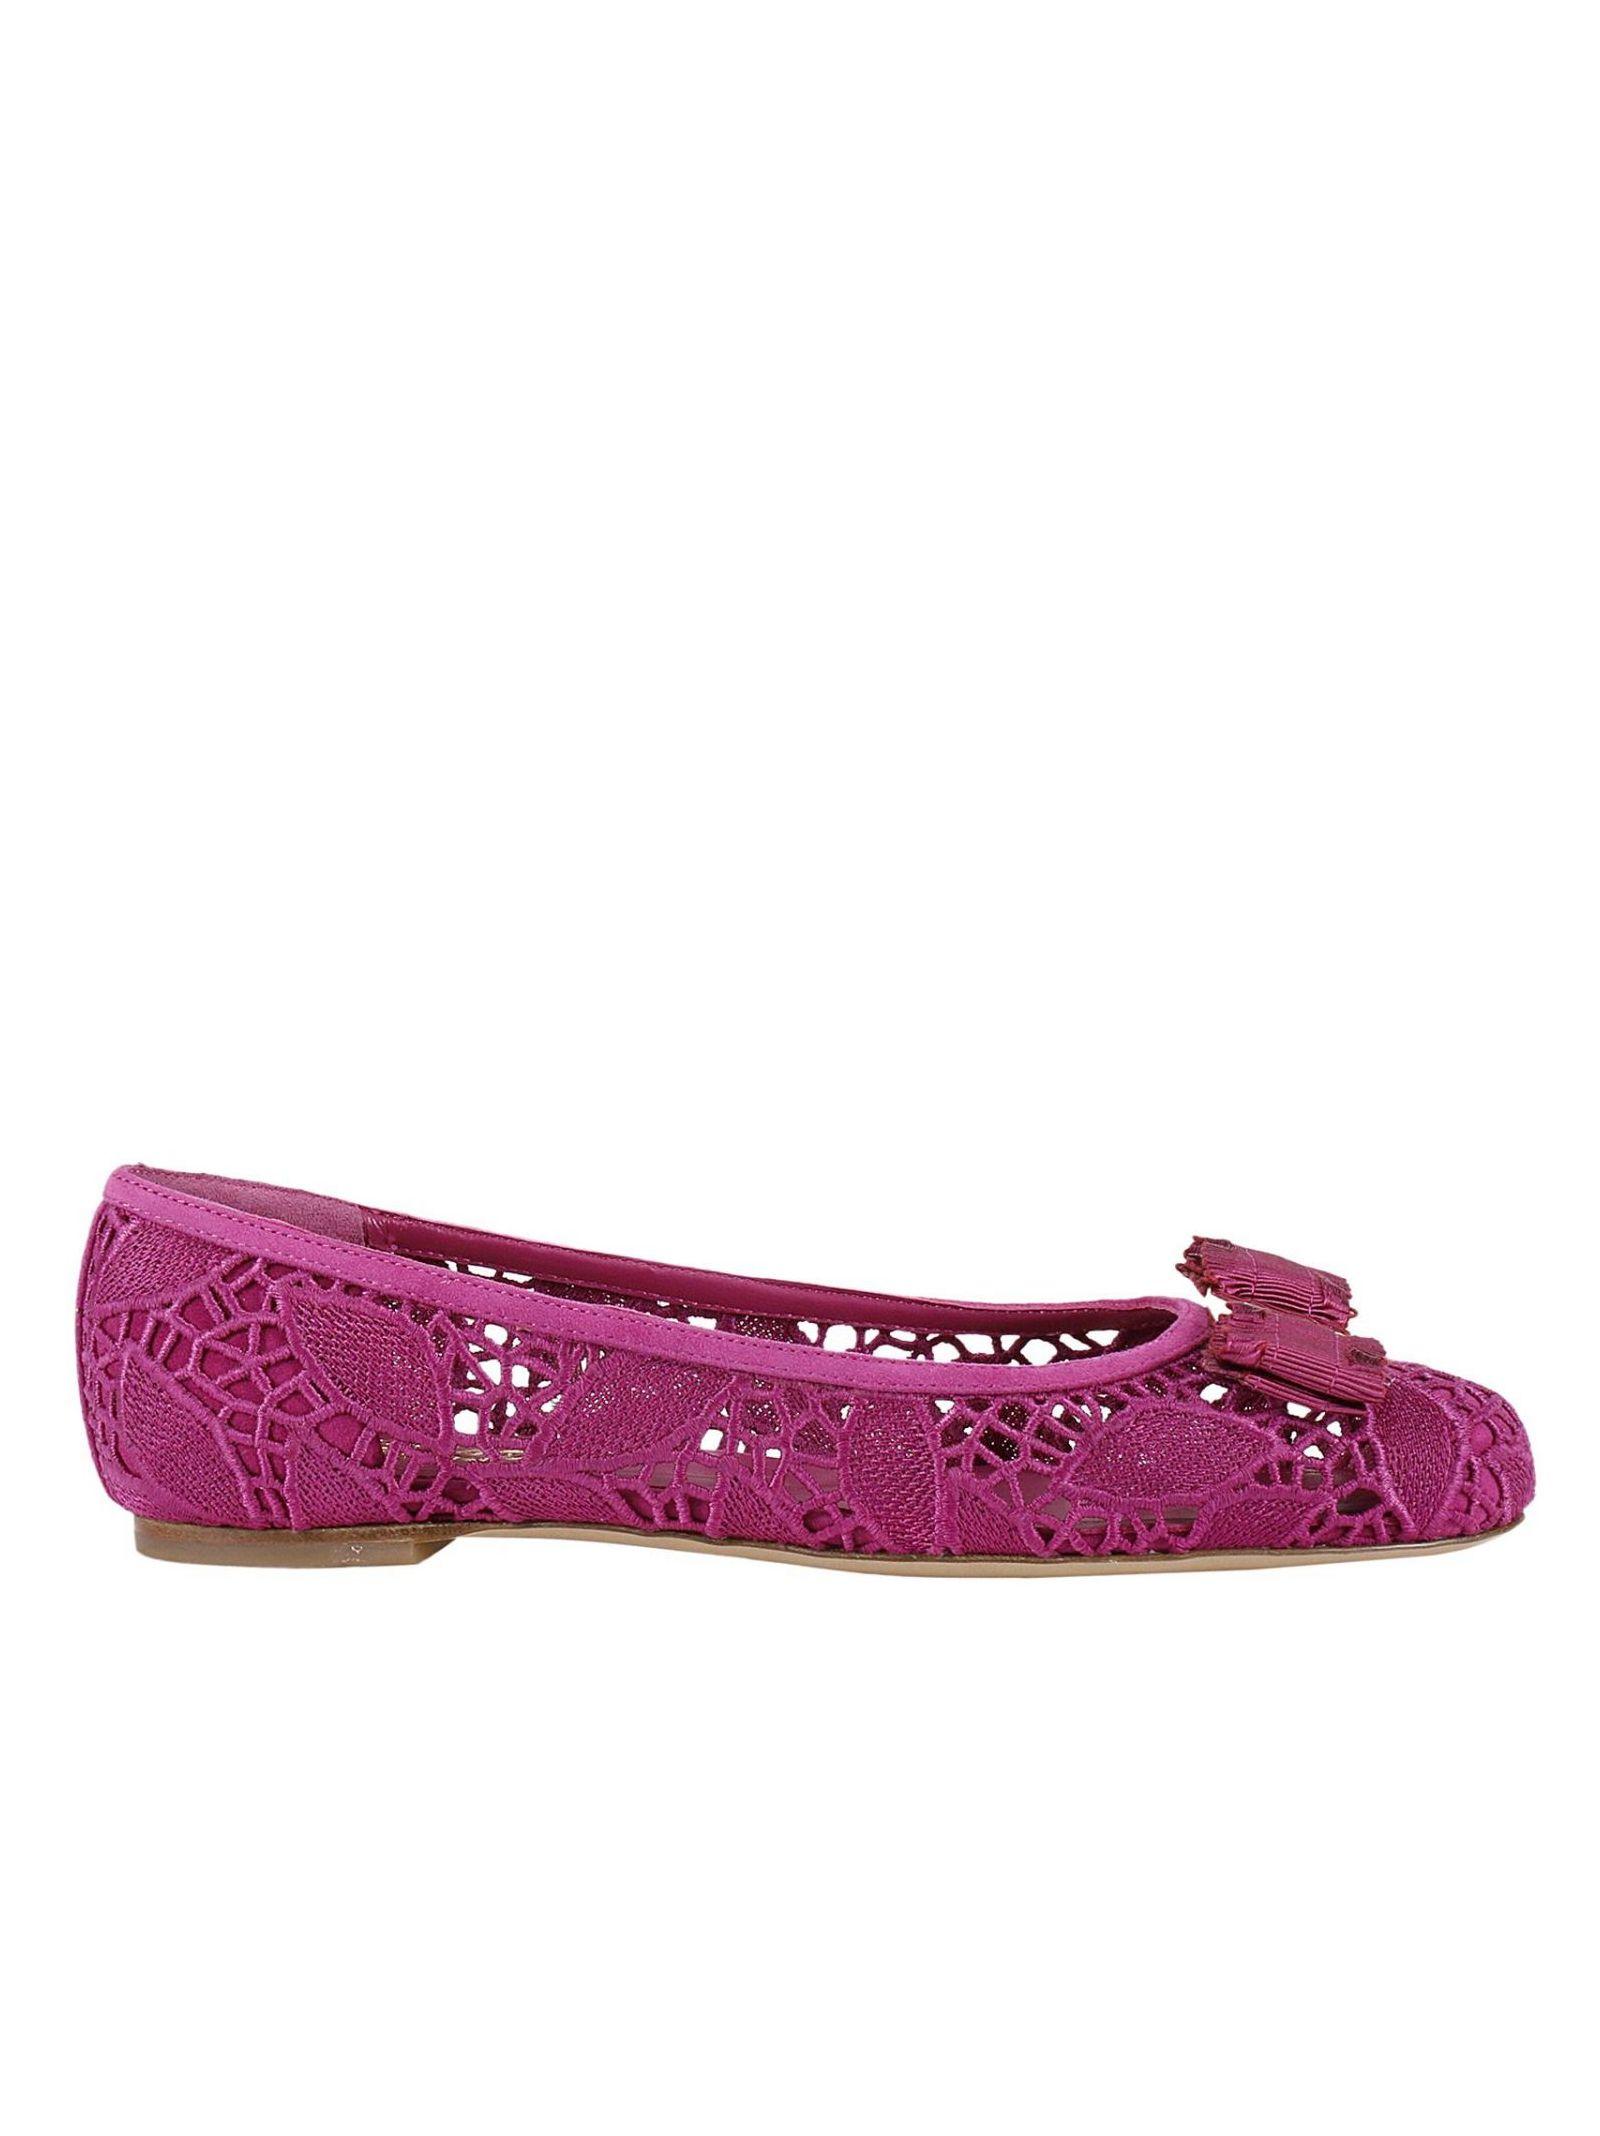 salvatore ferragamo female ballet flats shoes women salvatore ferragamo